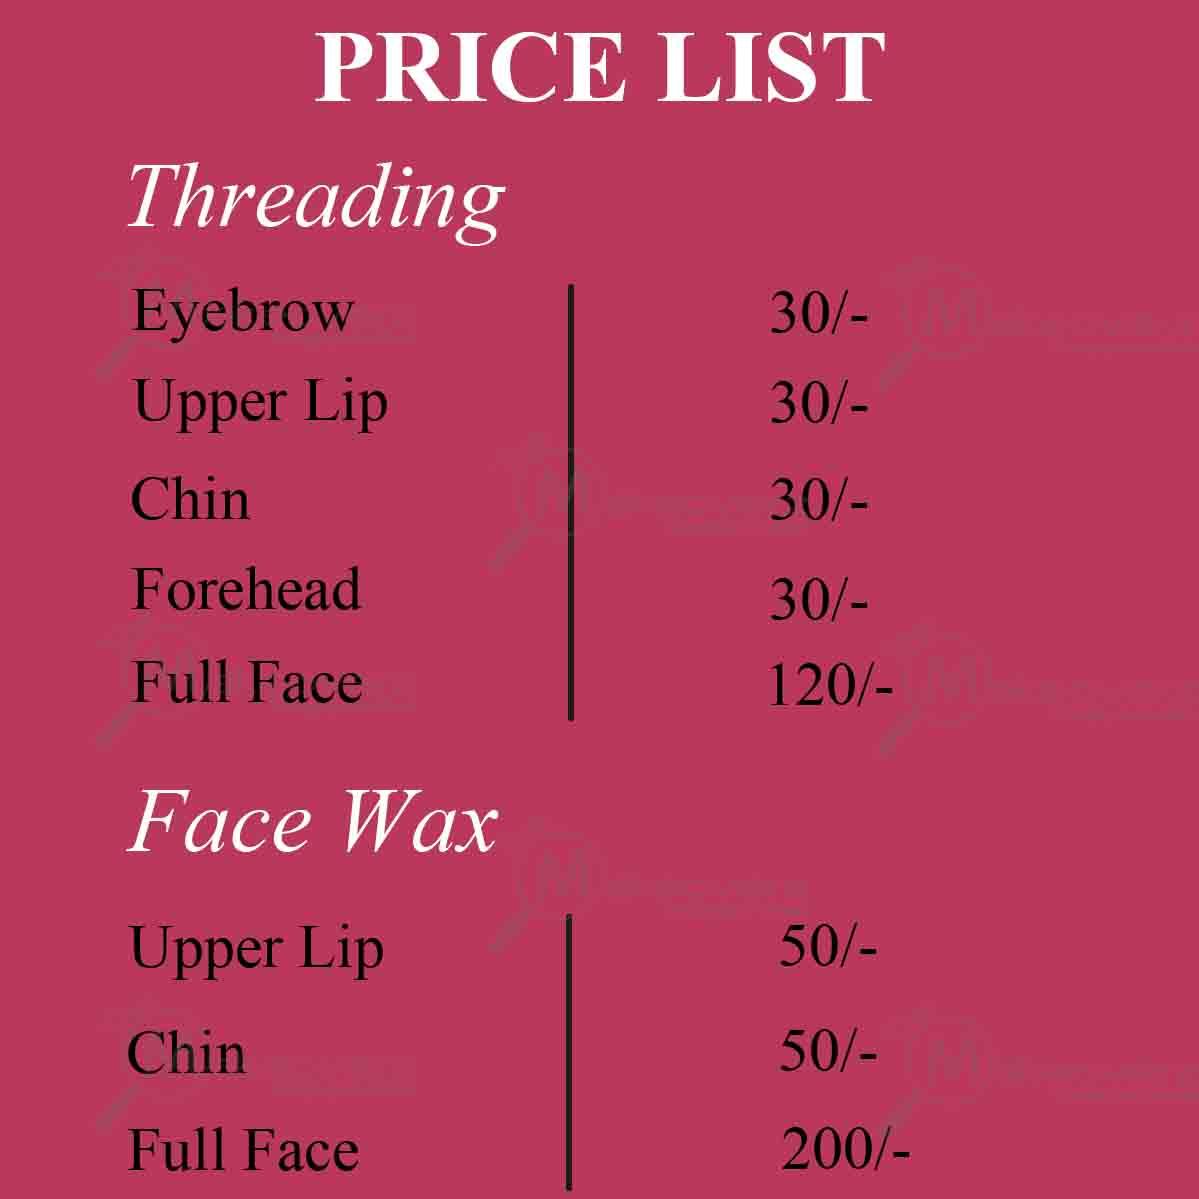 la senorita price list